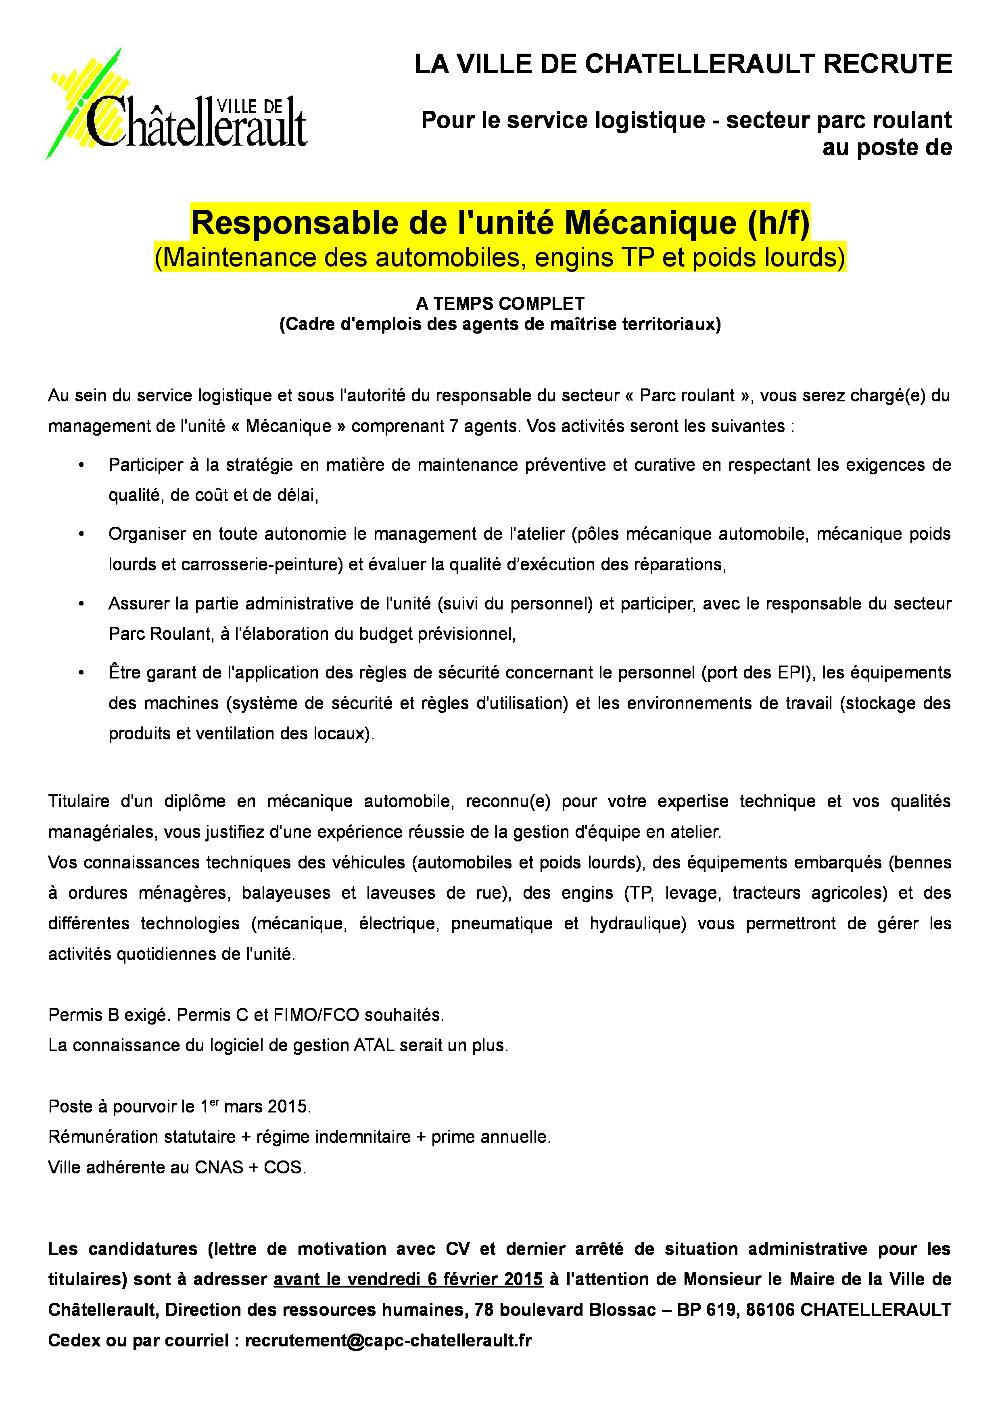 2015 Resp Unité Mécanique Pdf Recherche Ville De